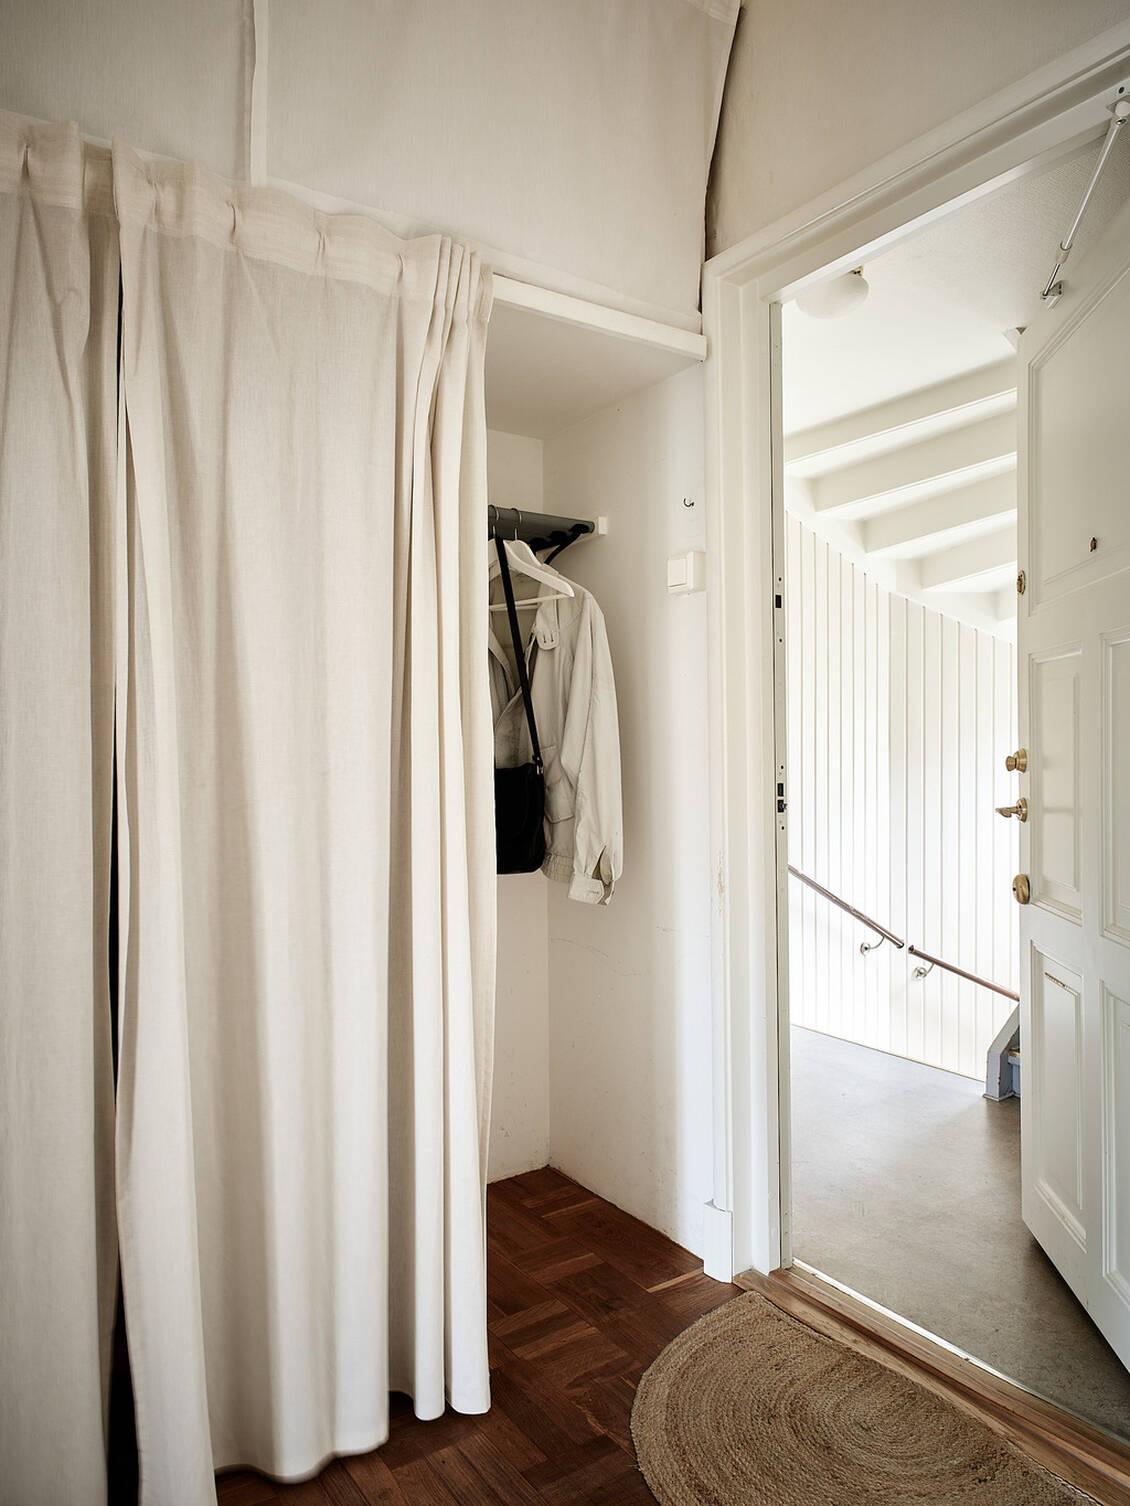 Lättåtkomligt förvaringsutrymme med galgstång, skoställ och hyllor.